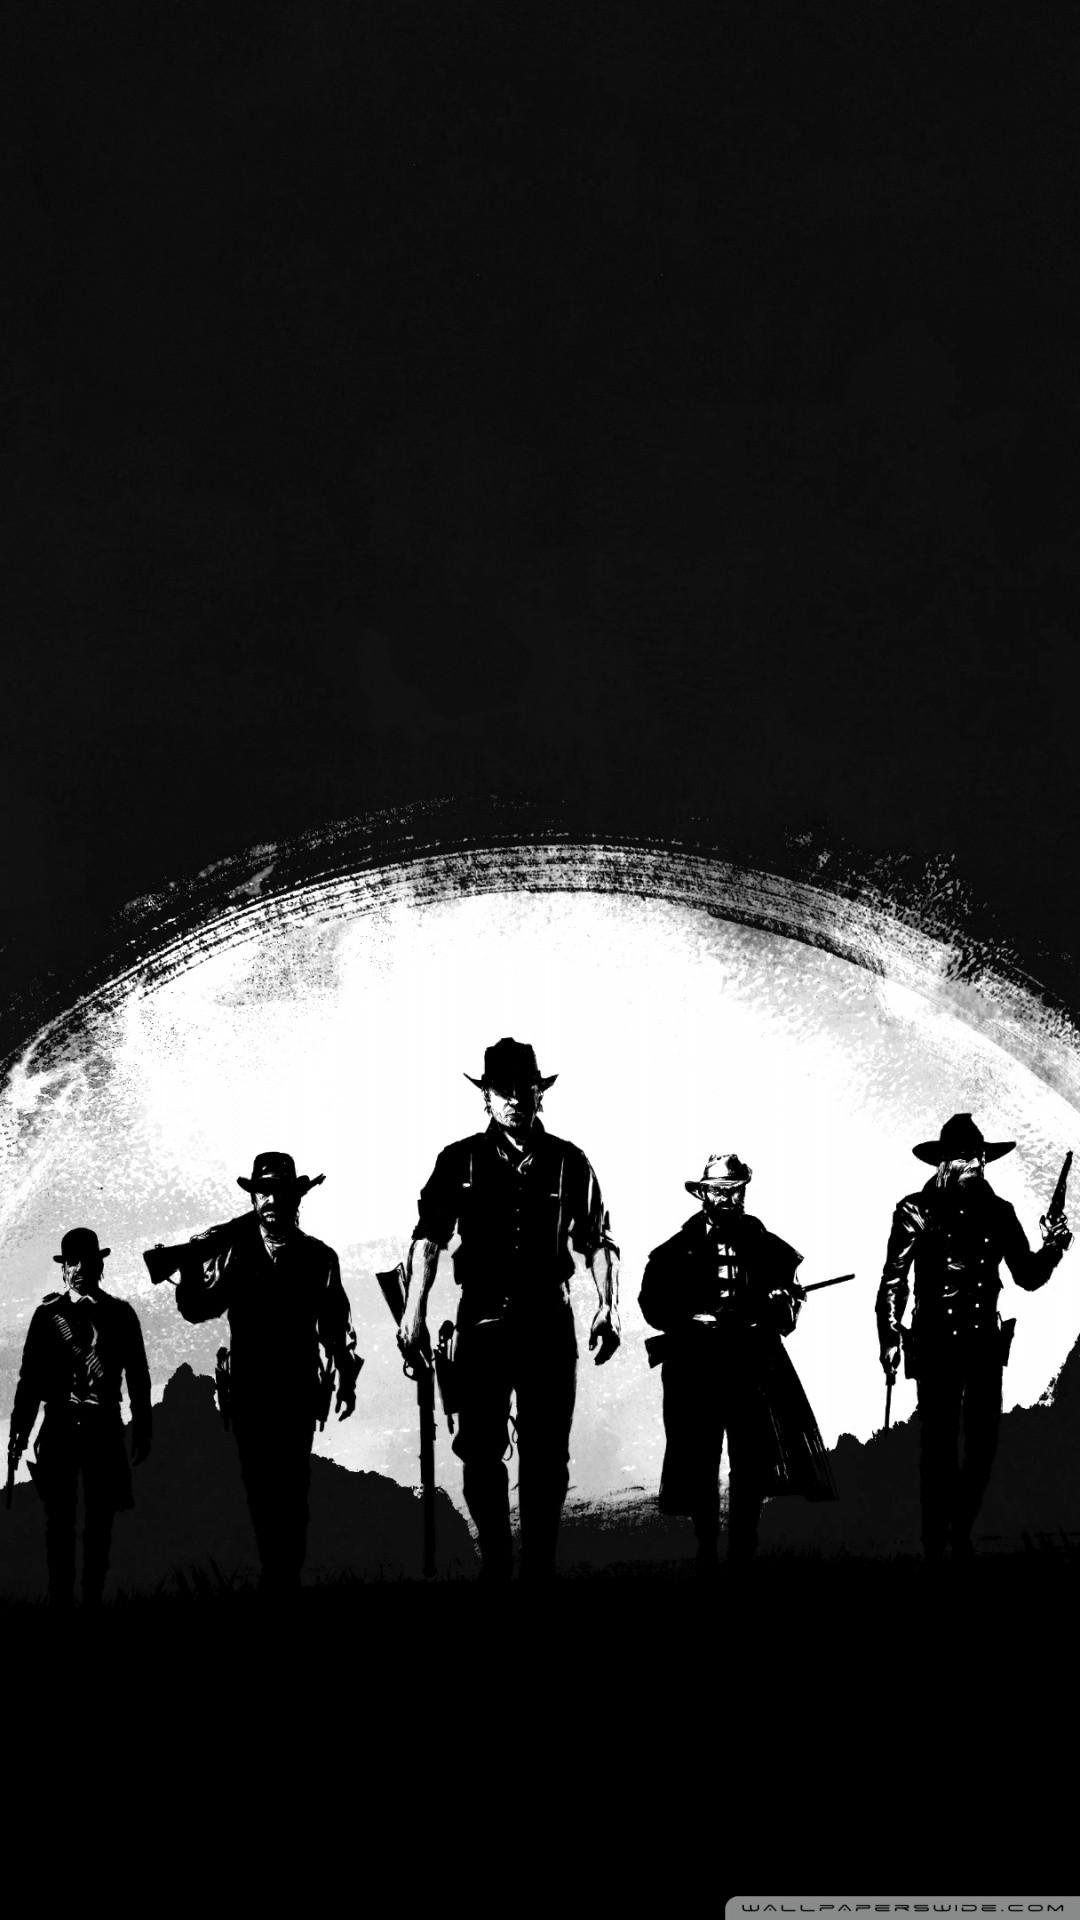 Free Red Dead Redemption 2 Dark phone wallpaper by koolkidd001